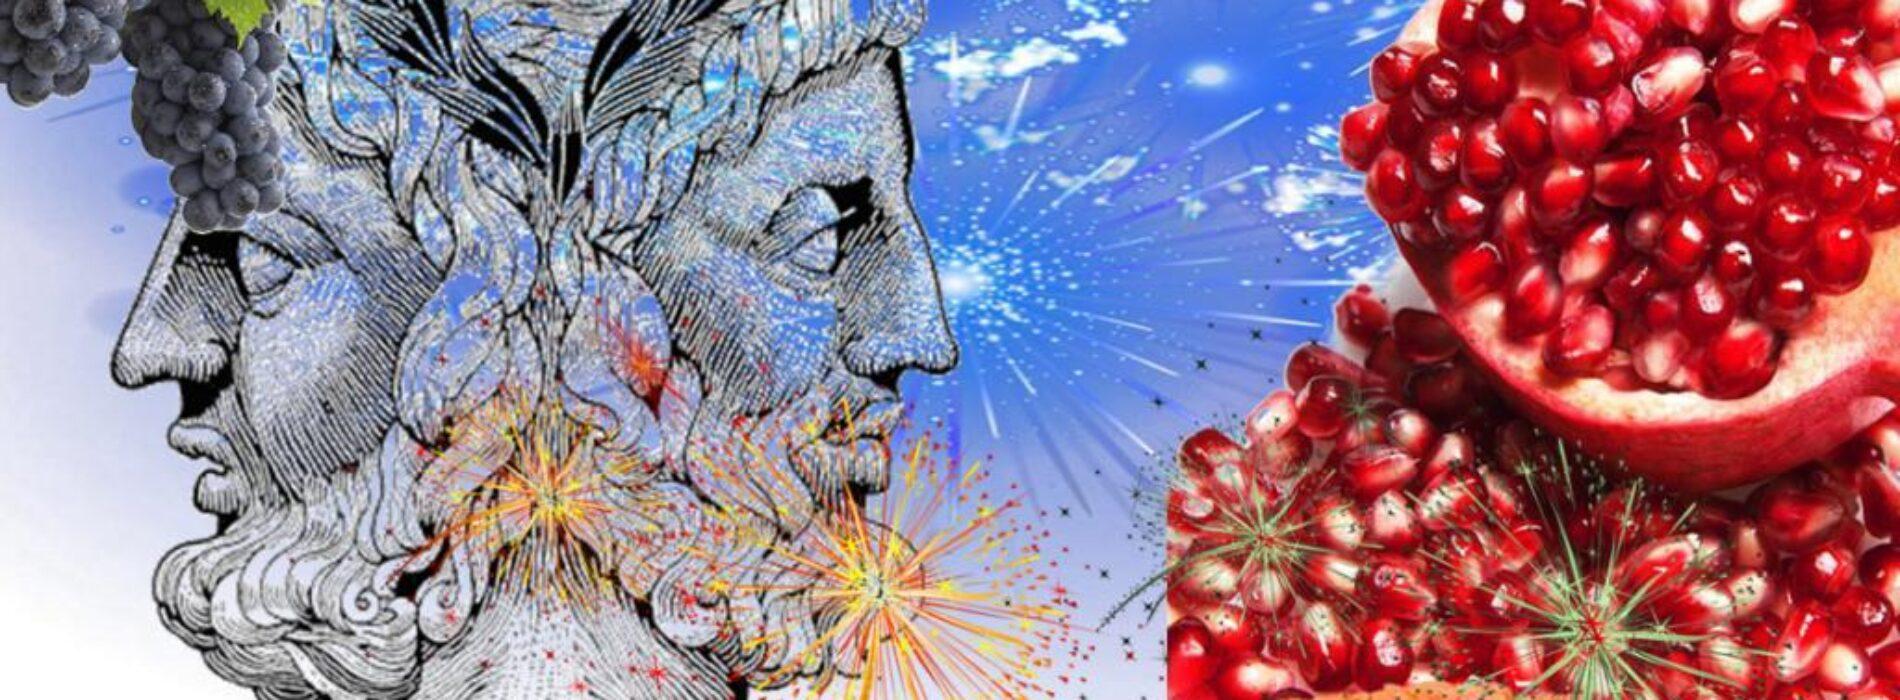 Il Capodanno nel mondo, riti e tradizioni per una festa globale